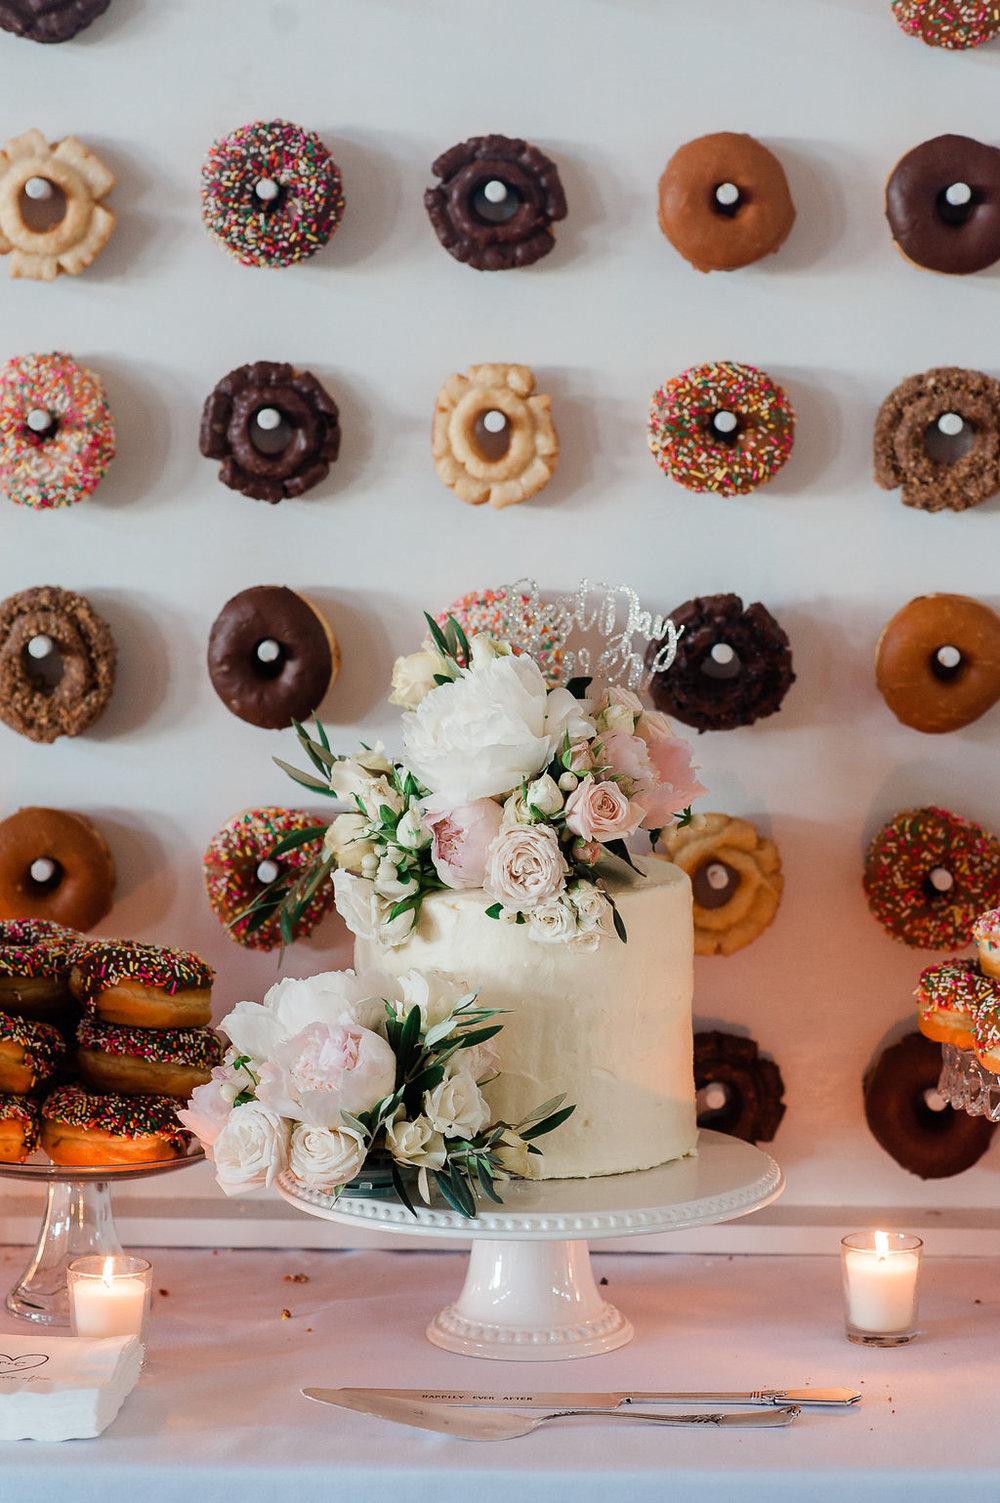 Park Winters Summer Wedding | Wedding Dessert | Wedding Donuts | Donut Wall | Unique Wedding Dessert Ideas | Two-tier wedding cake | Fresh flower wedding cake